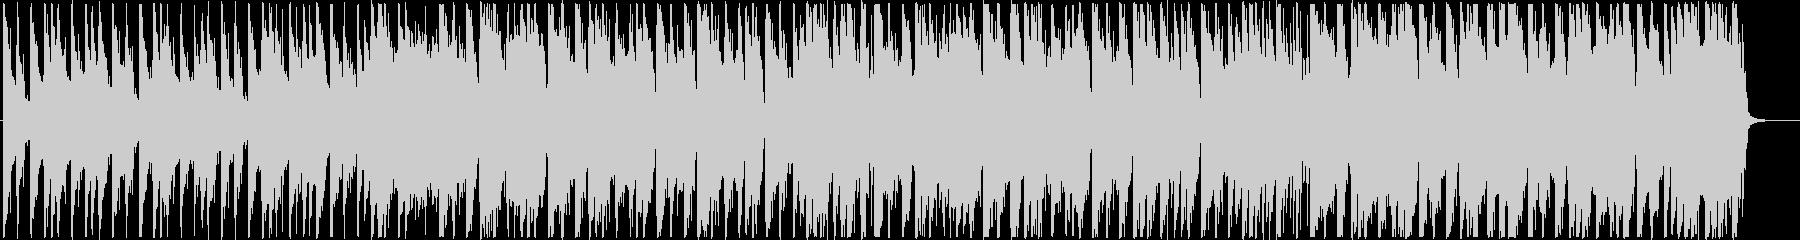 切ないR&B調の4つ打ちシティポップの未再生の波形